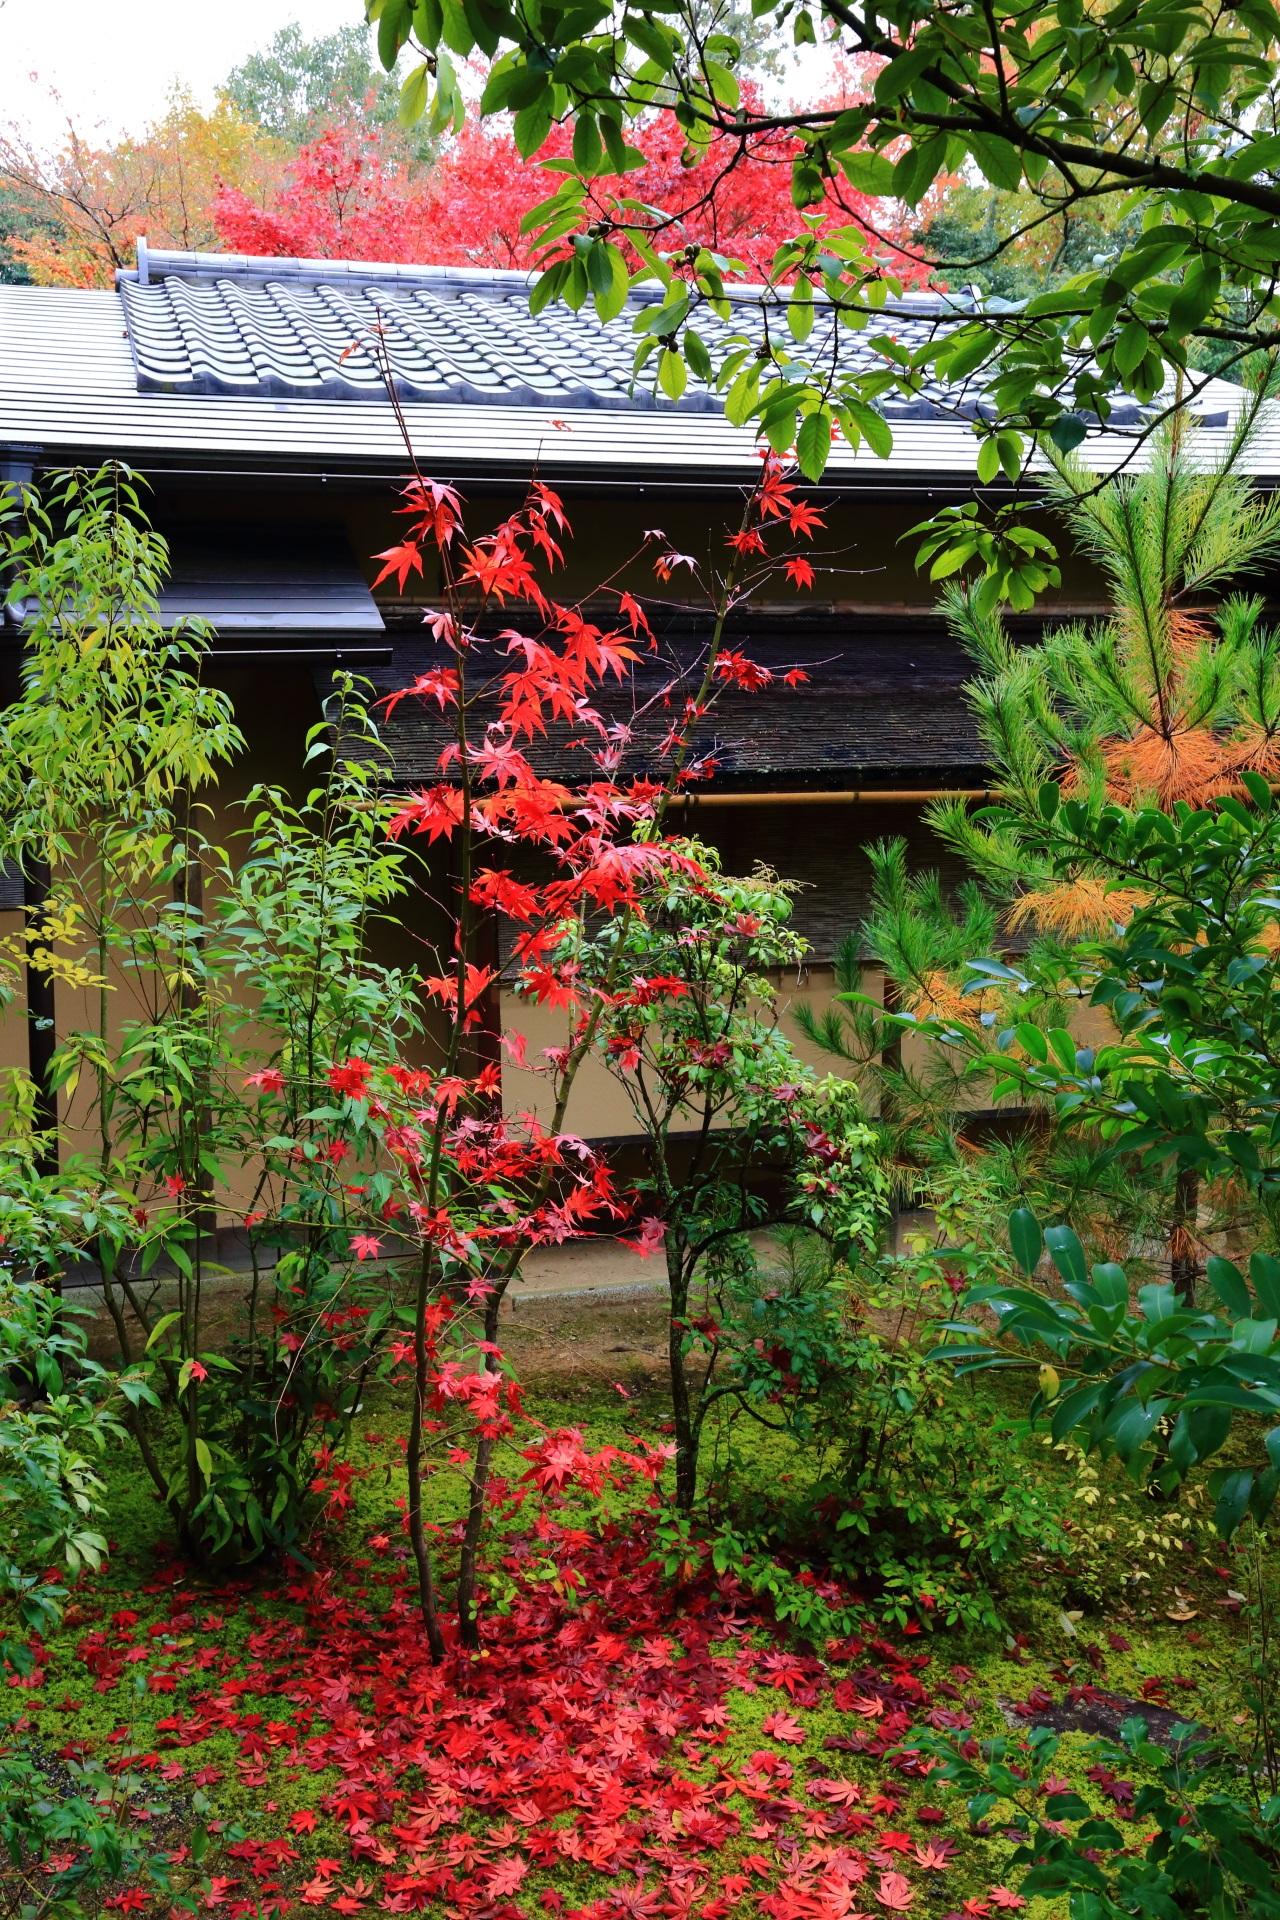 光悦寺の茶室前の紅葉と散りもみじ